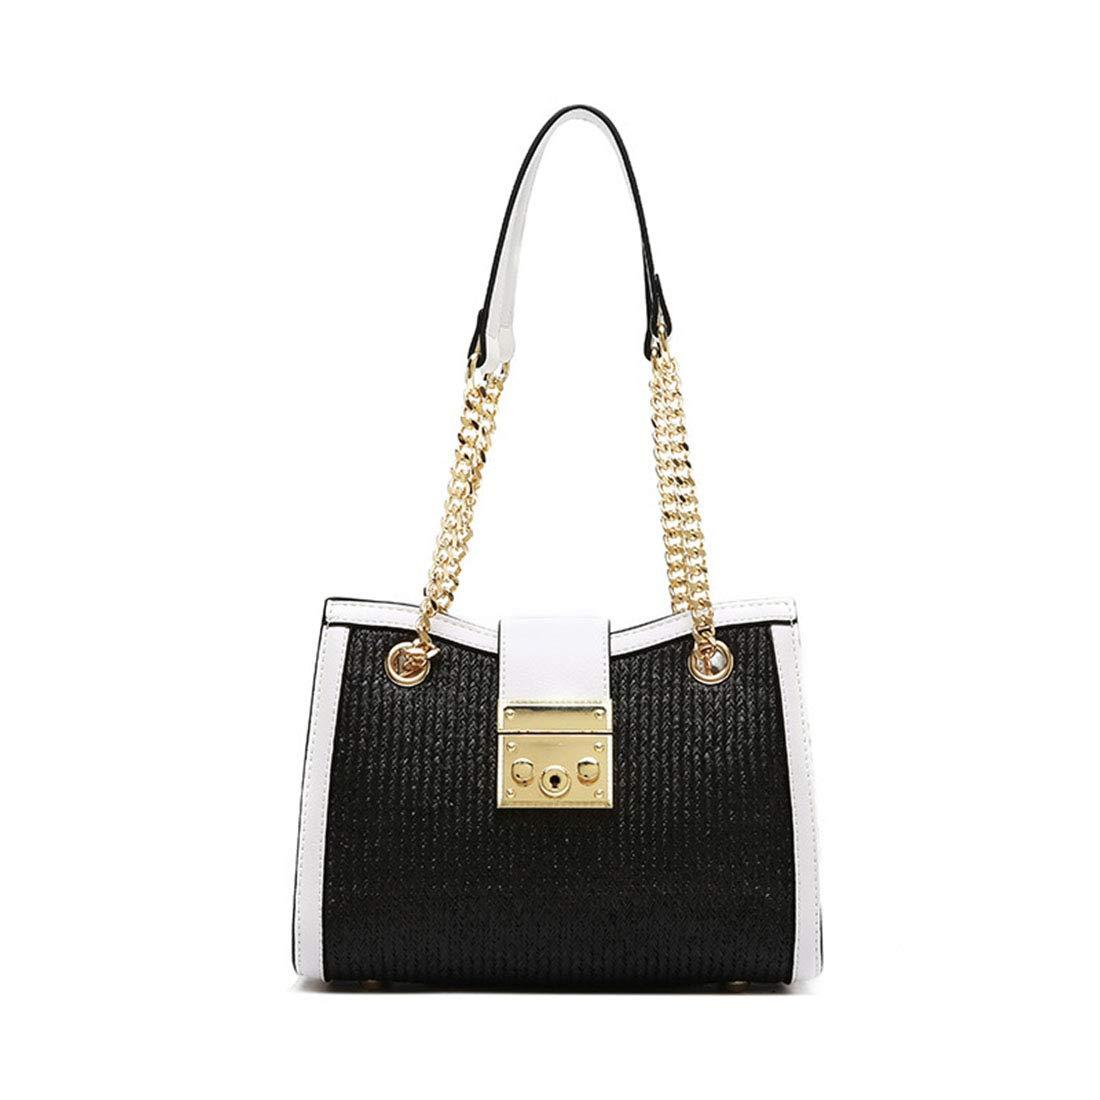 MAGAI PU Leinen Nähte Nähte Nähte Handtasche Hit Farbe Schulter Messenger Bag (Farbe   schwarz Weiß) B07PCSK4KQ Schultertaschen Preiszugeständnisse 064a25